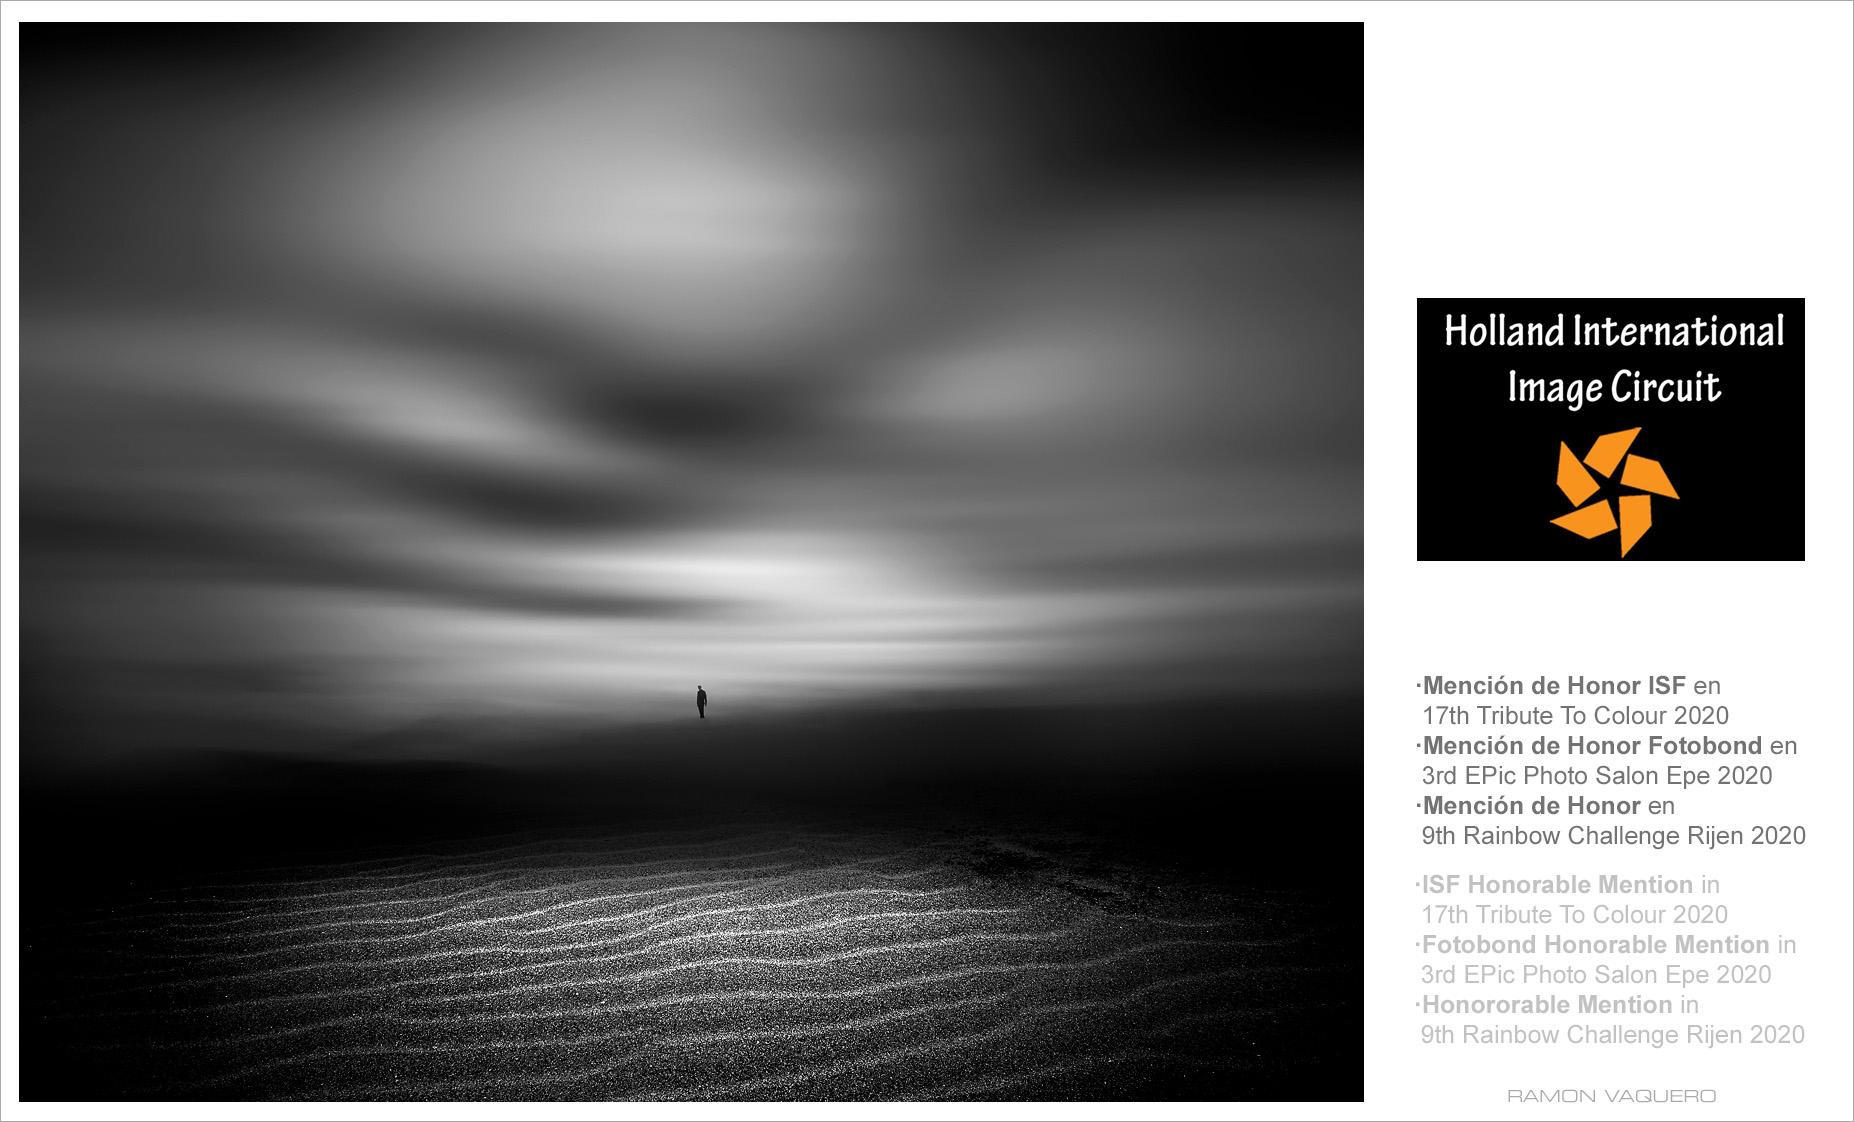 holland-image-circuit_ramonvaquero_awards_fotografos_vigo_españa